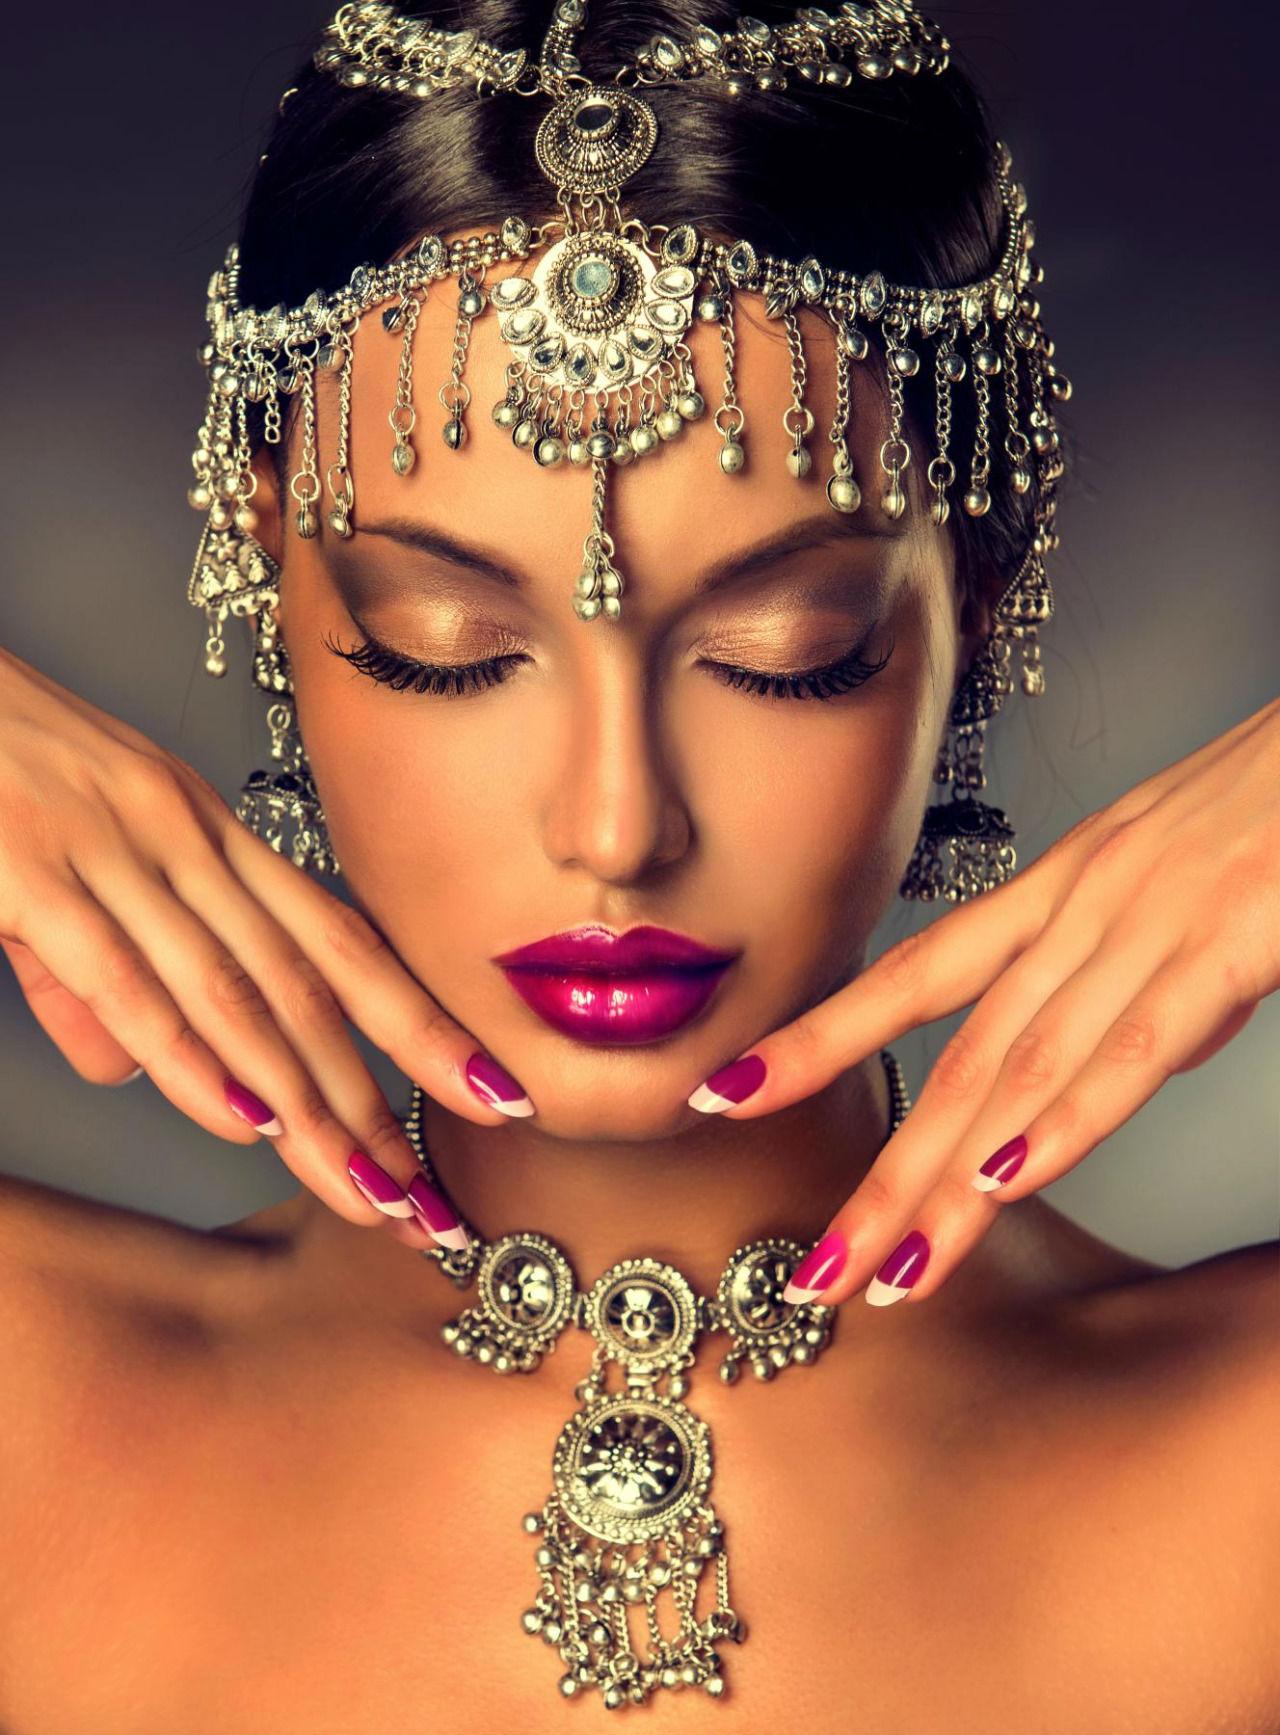 Красивая женщина в красивых украшениях фото